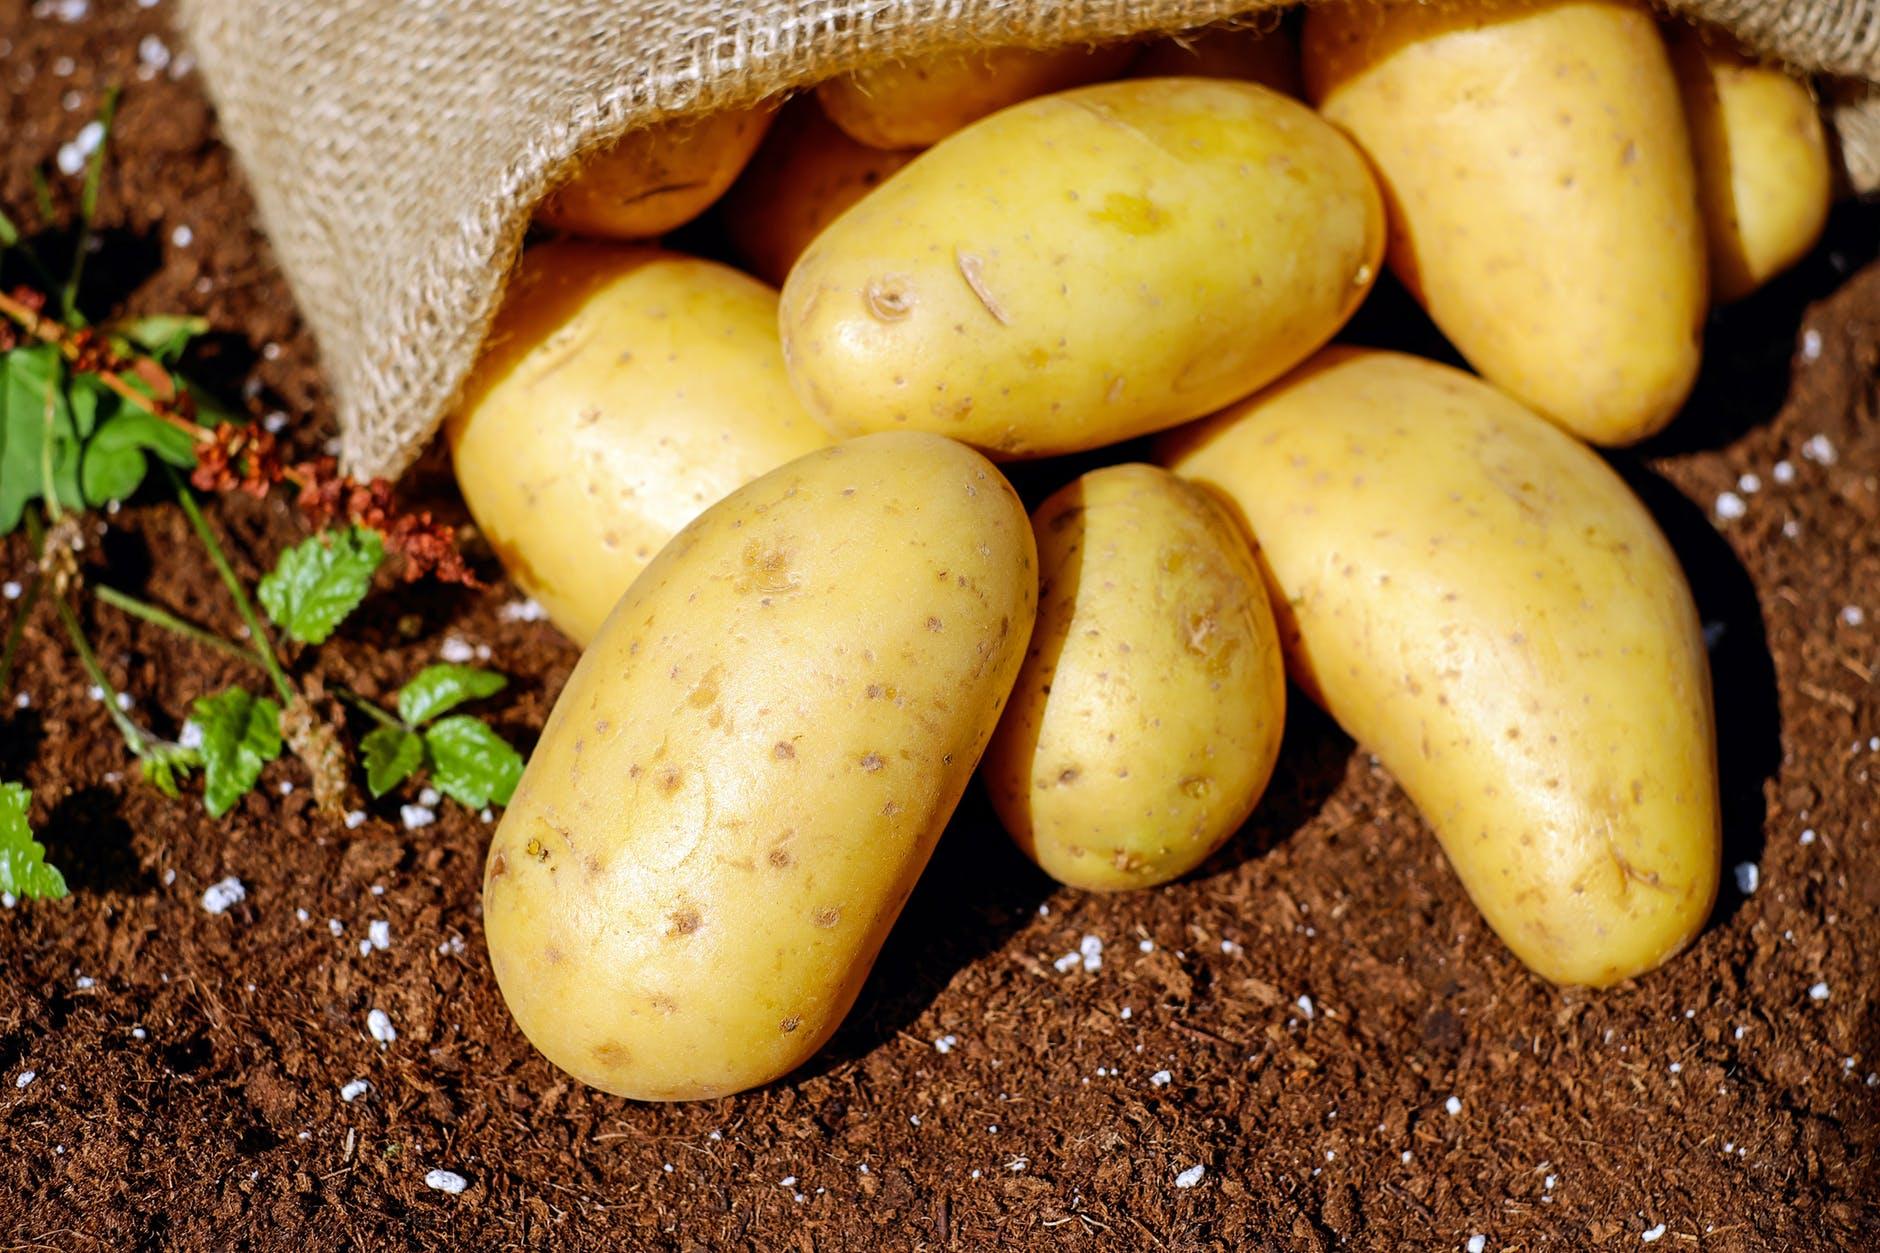 подготовка земли под картофель осенью